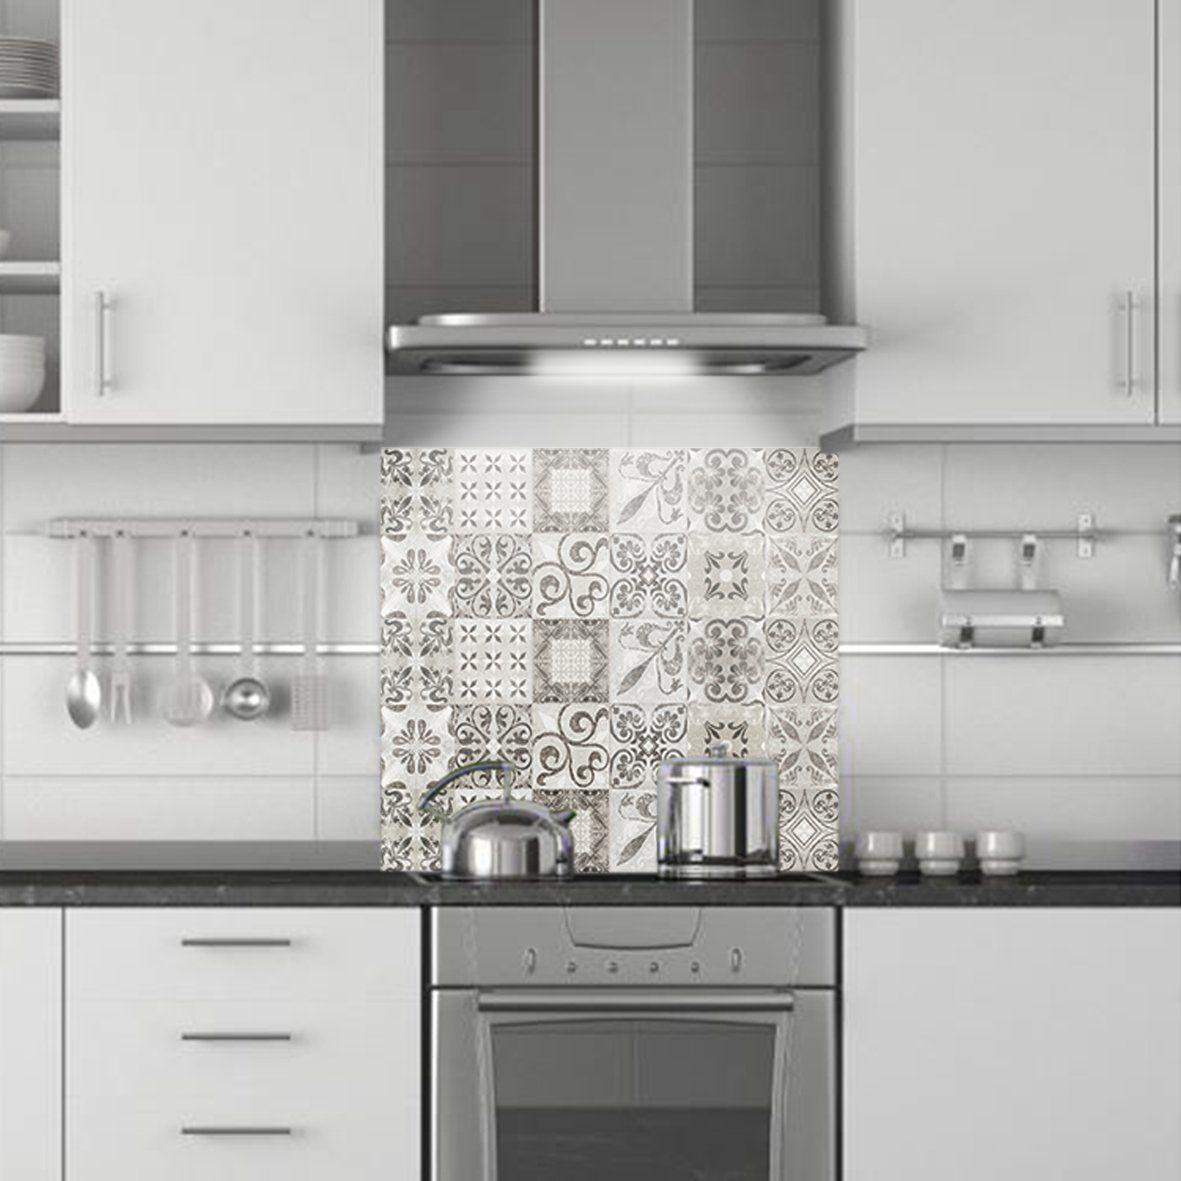 crédence de cuisine décorative | CARREAUX DE CIMENT USURE